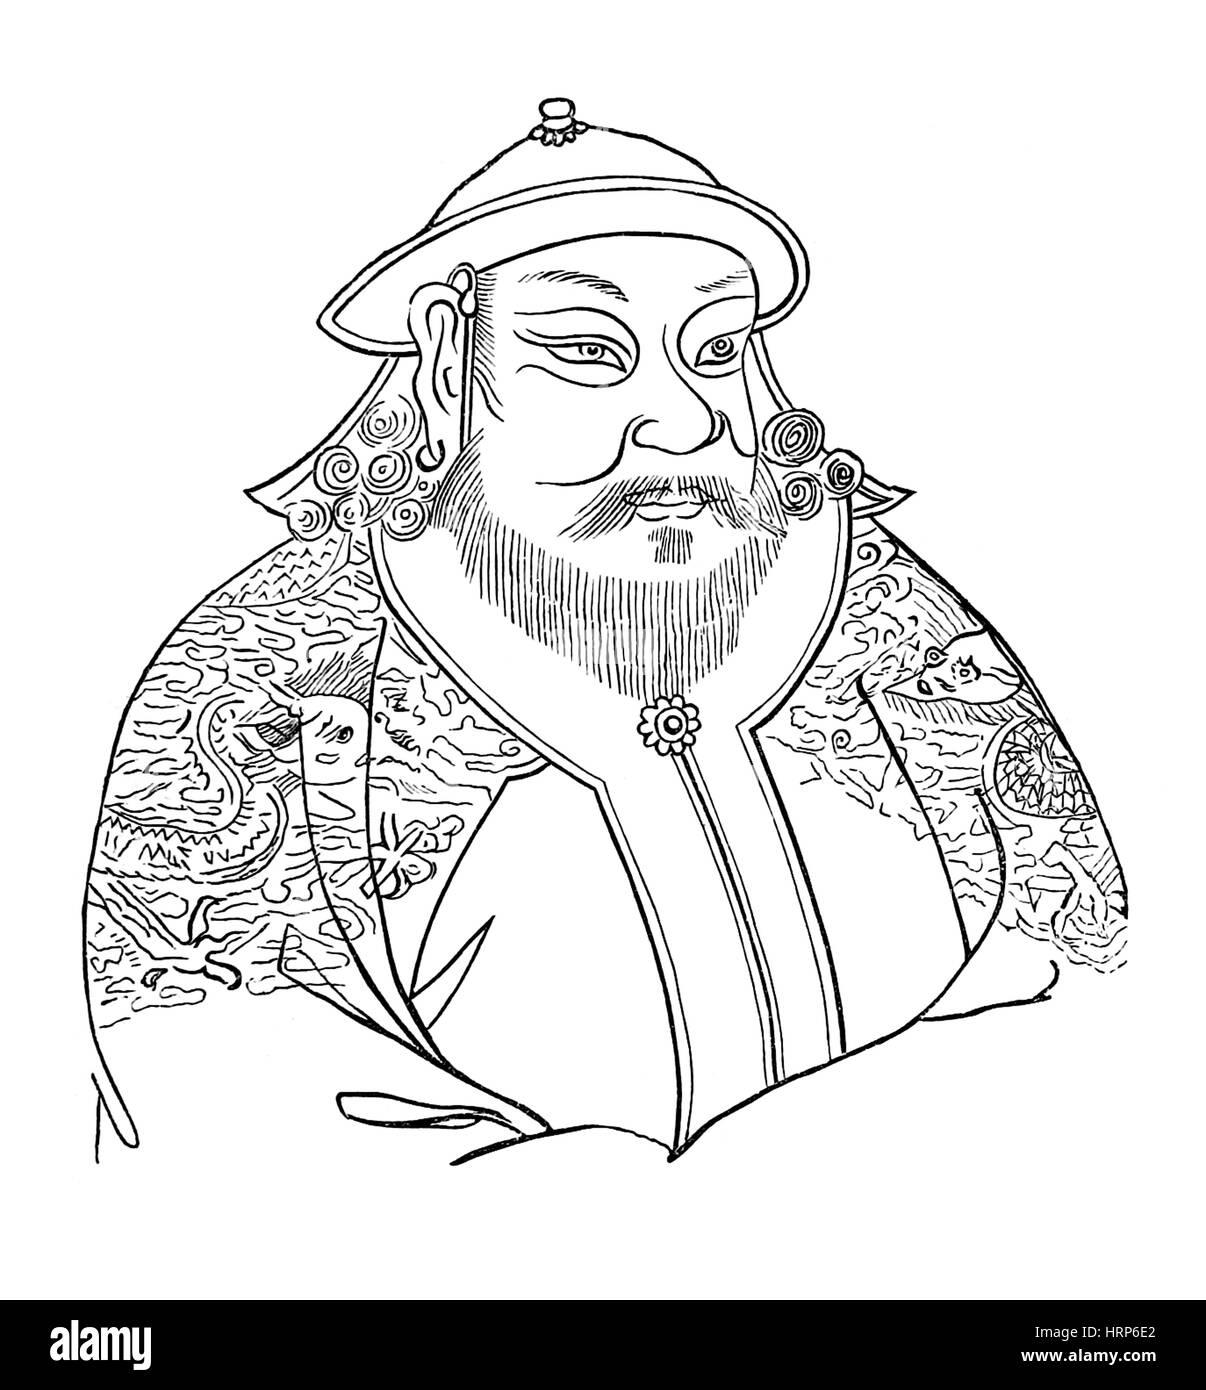 Kublai Khan, Emperor of China, Yuan Dynasty - Stock Image